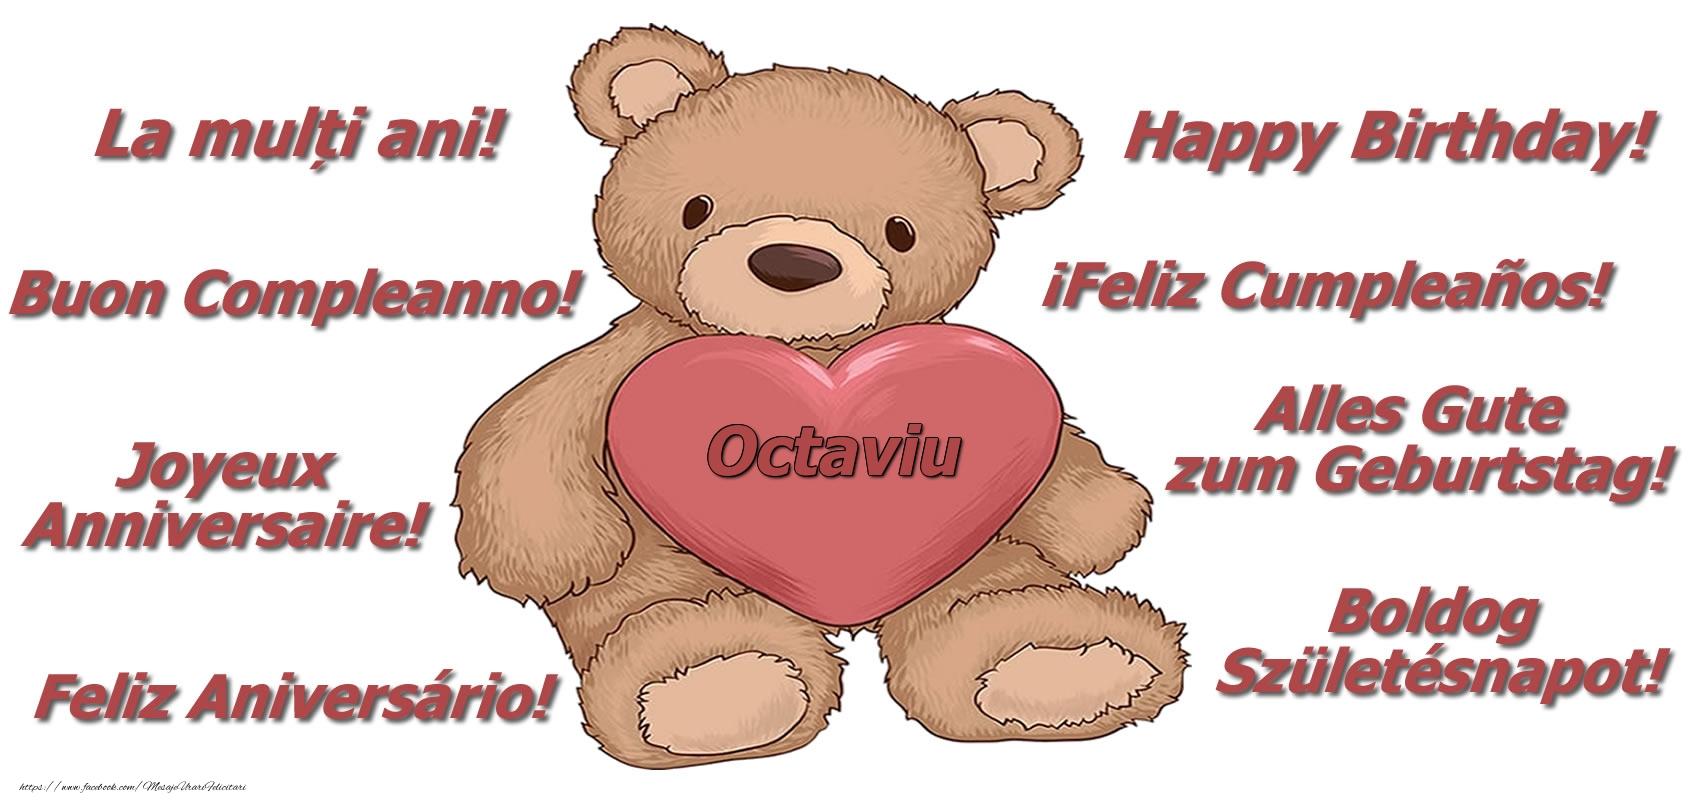 Felicitari de zi de nastere - La multi ani Octaviu! - Ursulet